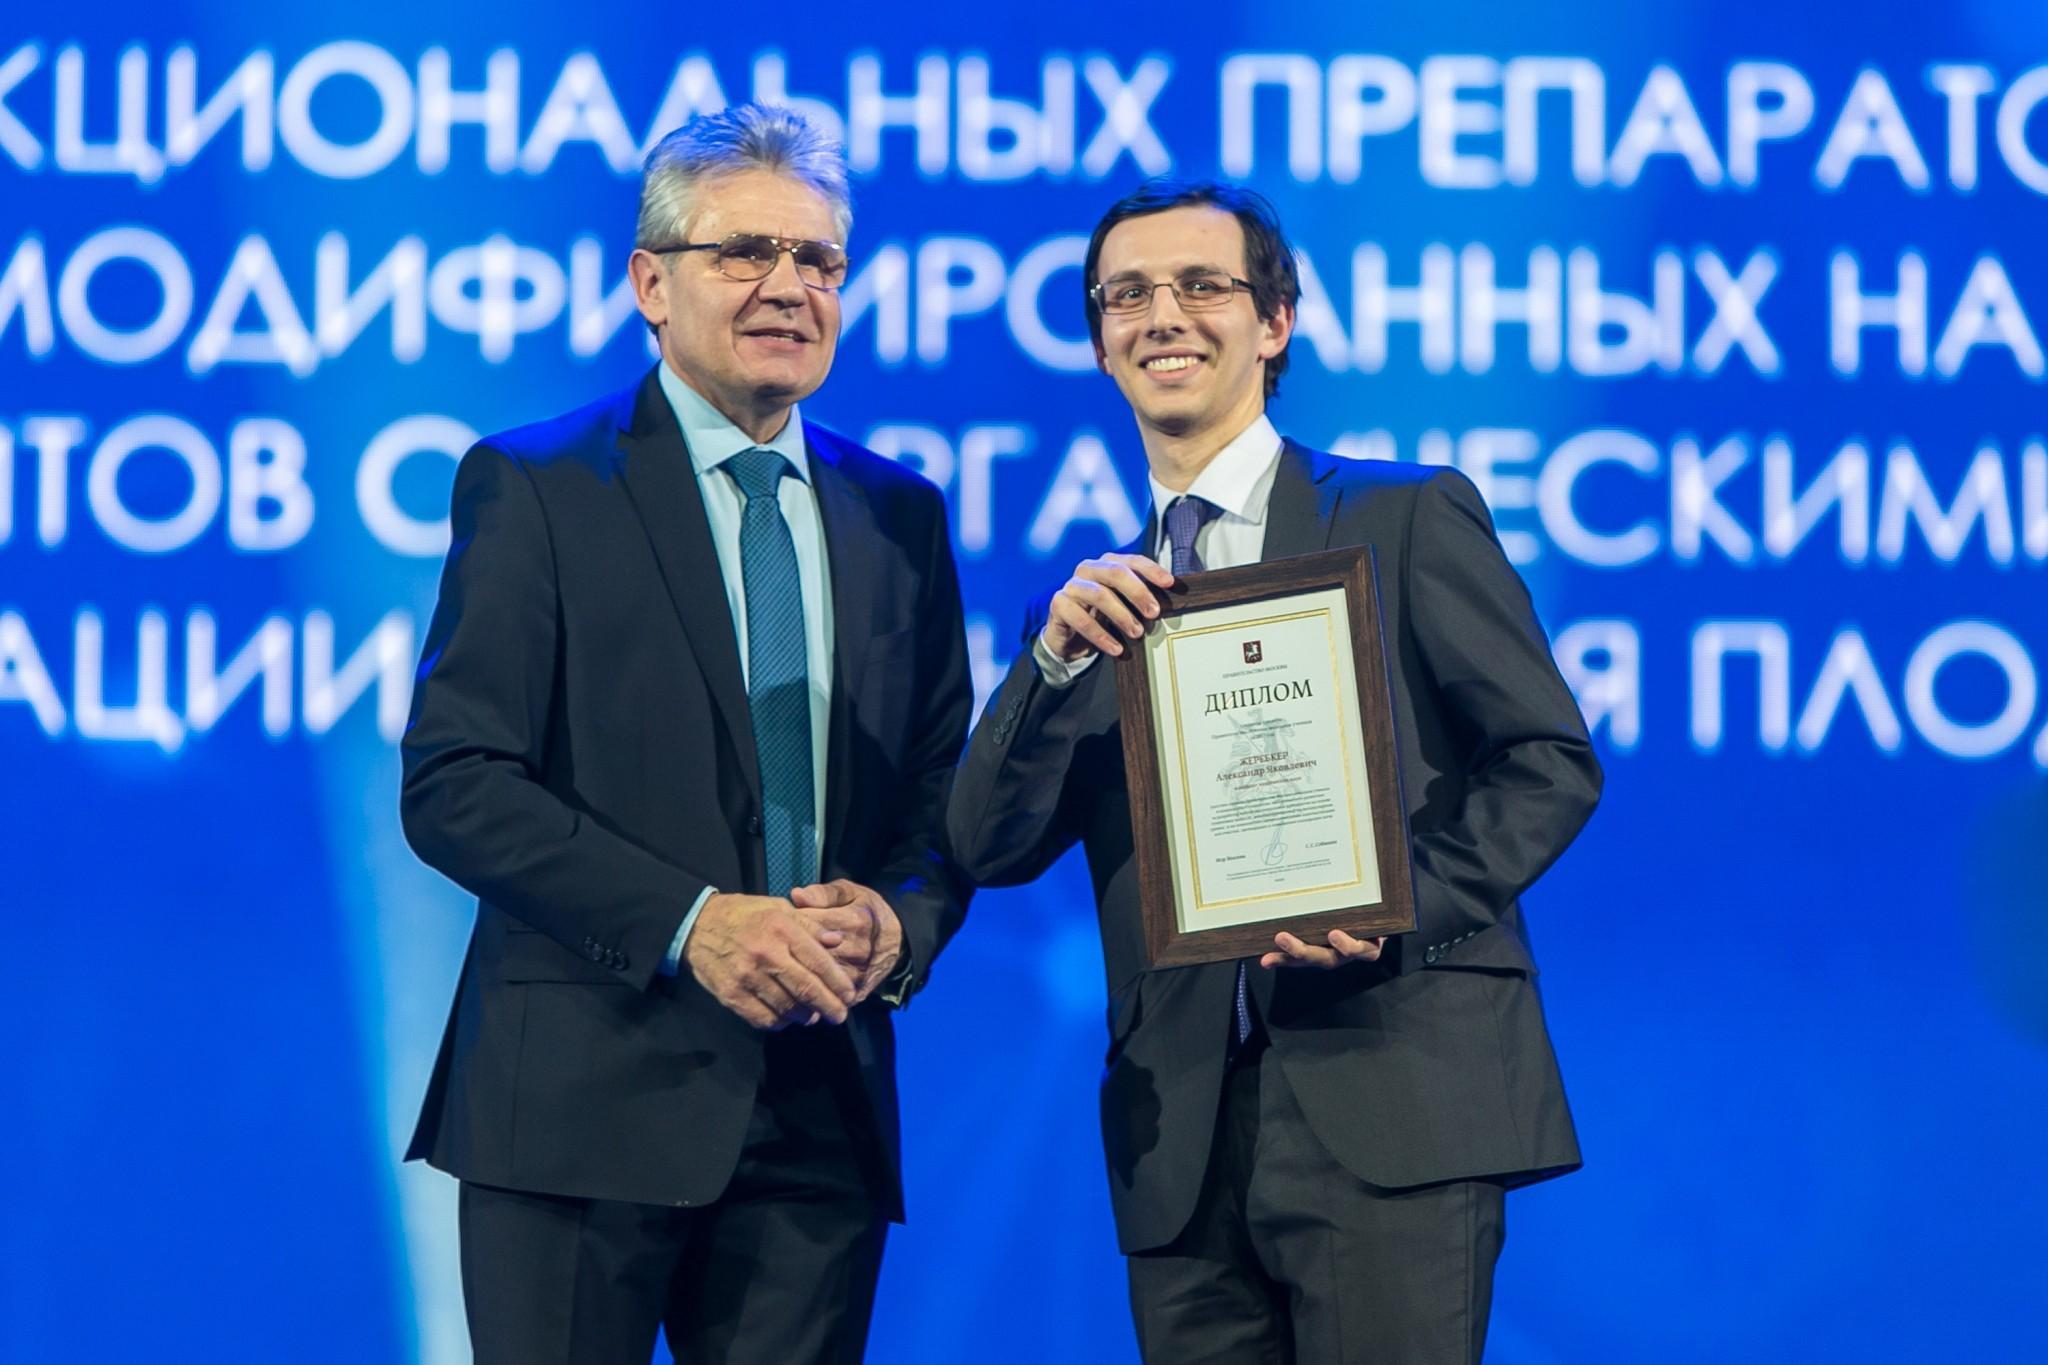 Junior research scientist Alexander Zherebker.